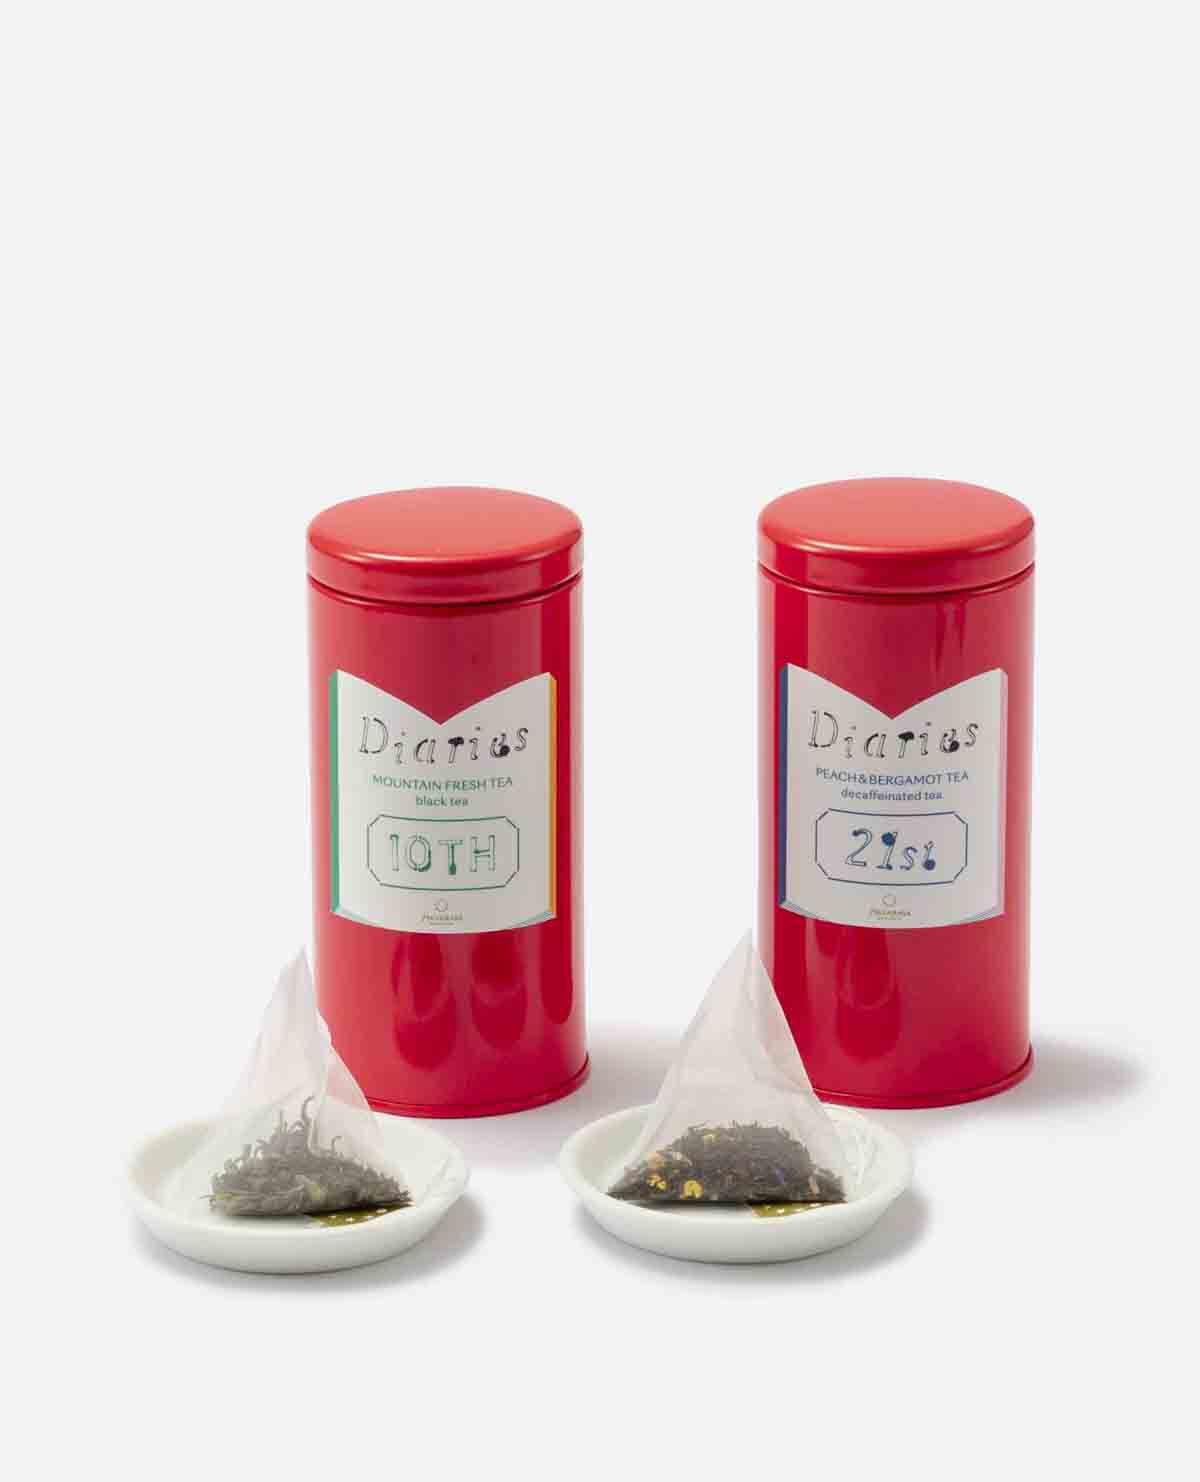 紅茶2種セット Diaries 10th&21st